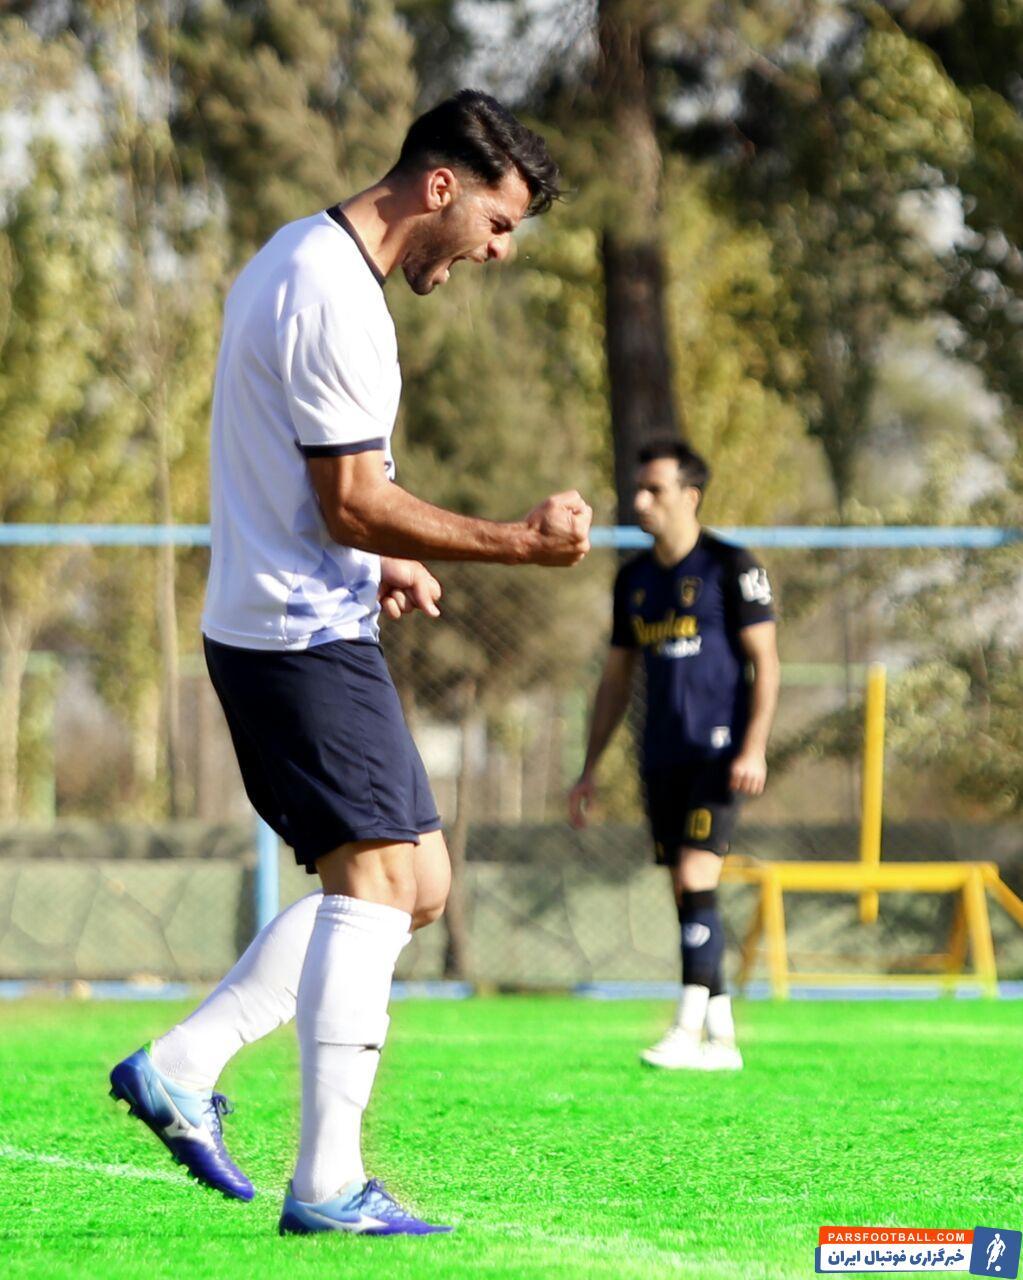 علیرضا علیزاده در دیدار دوستانه تیمش مقابل رایکا بابل توانست برای تیمش گلزنی کند و شادی ویژهای را پس از گل خود انجام داد.